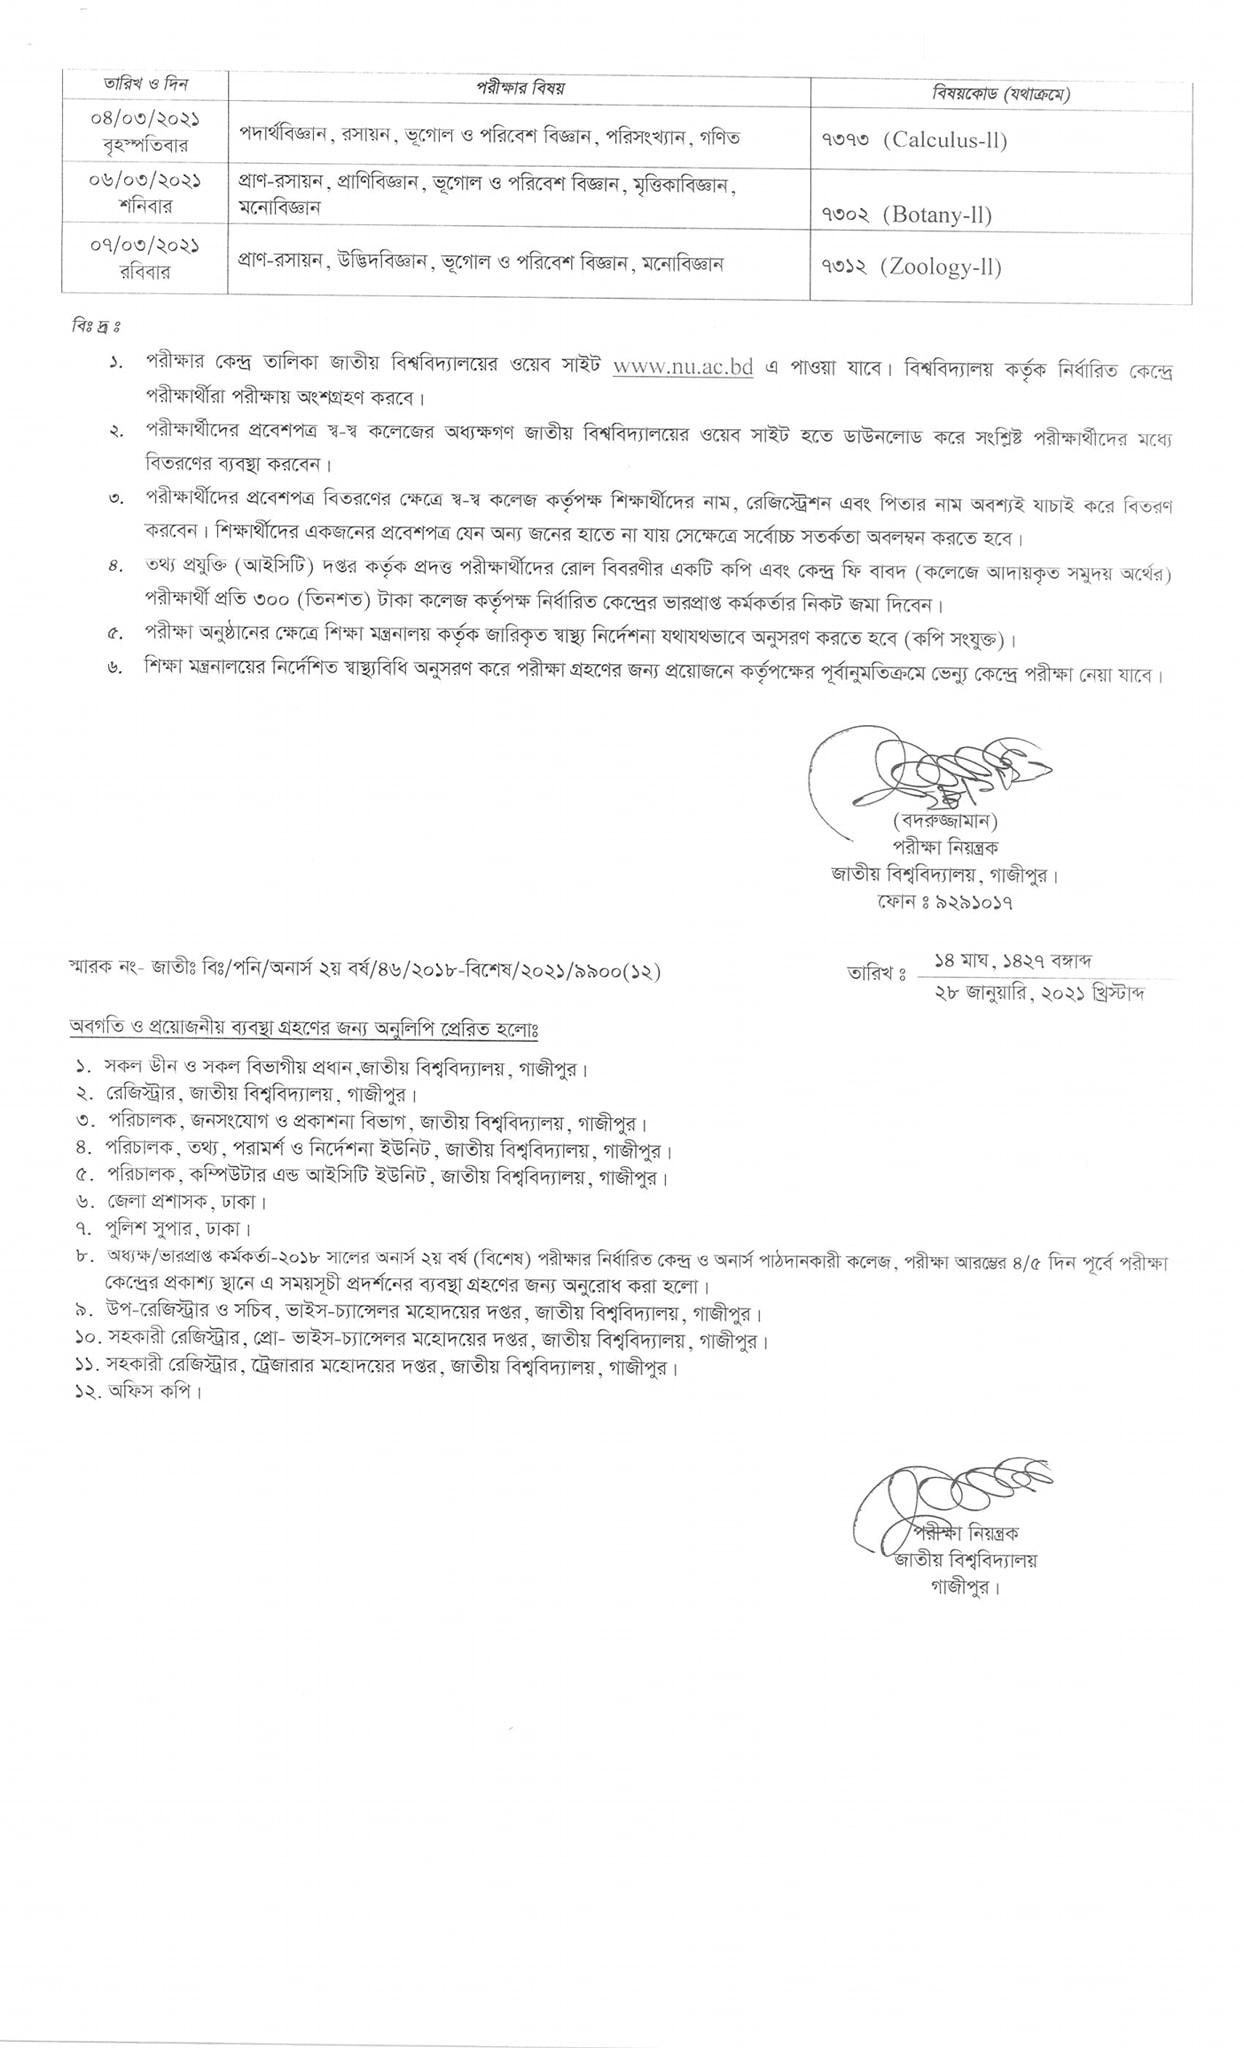 National University Hons 2nd Year Exam Routine